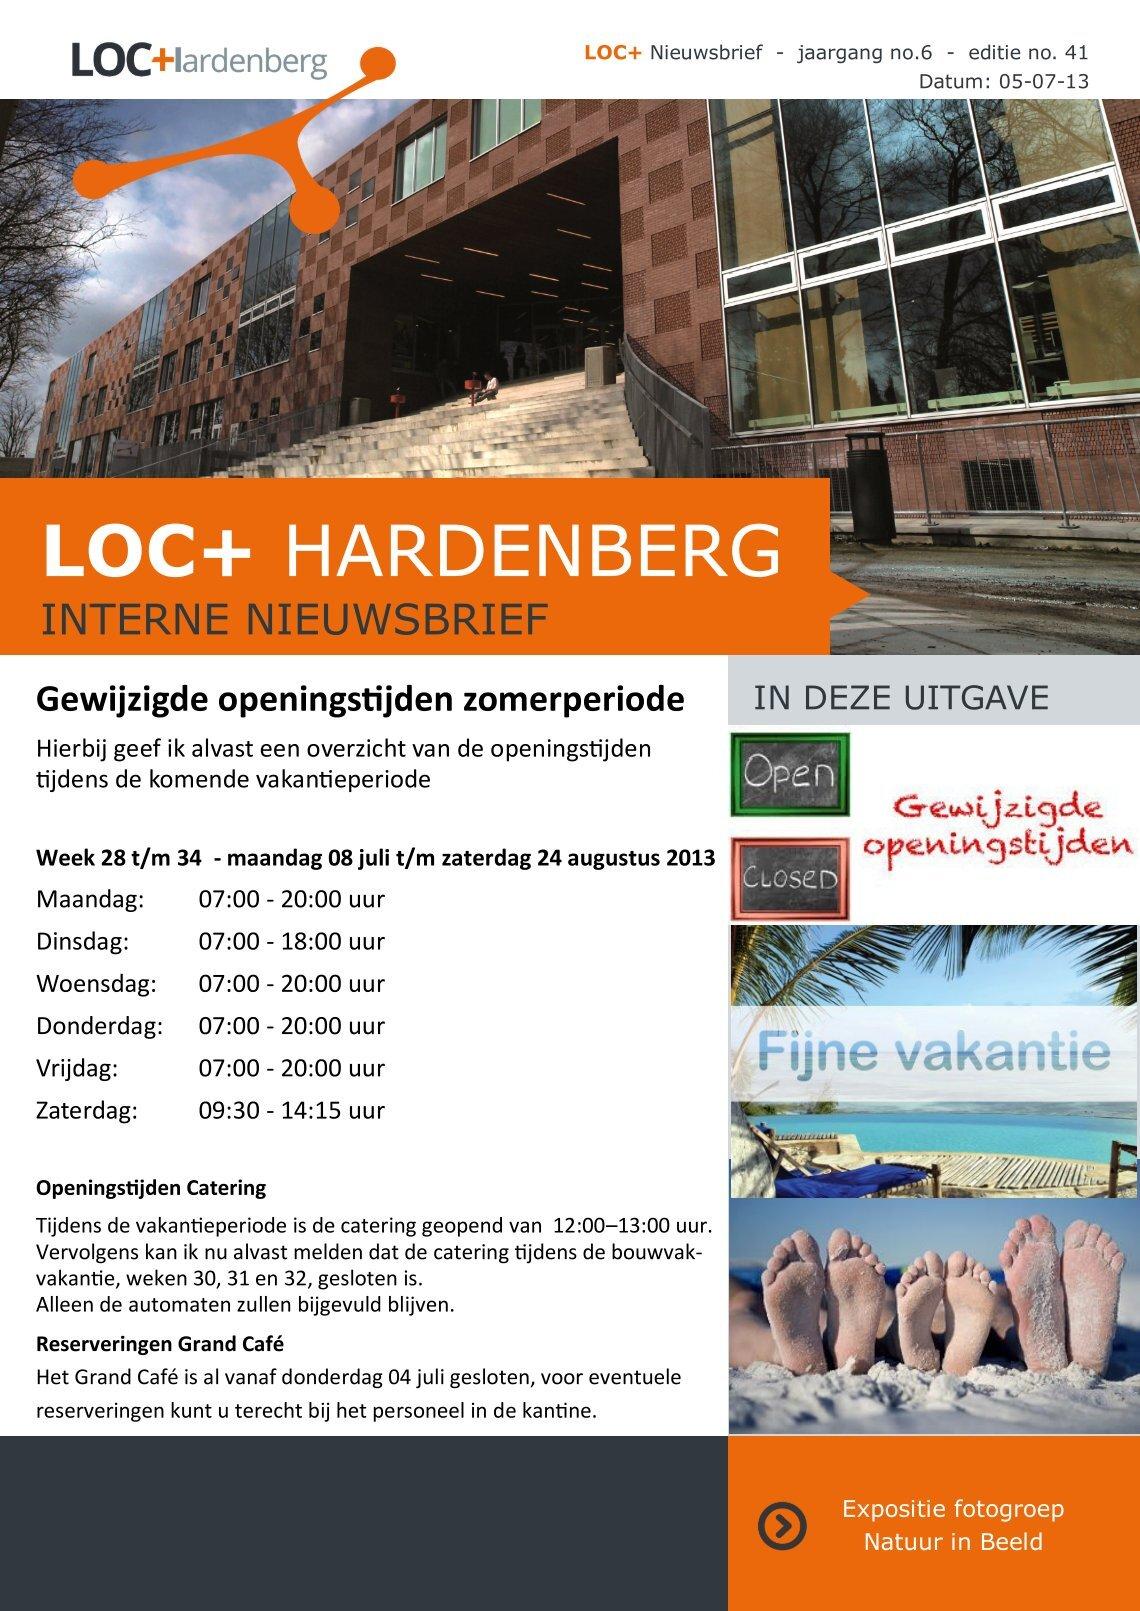 Hardenberg Nl 1 free magazines from loc hardenberg nl